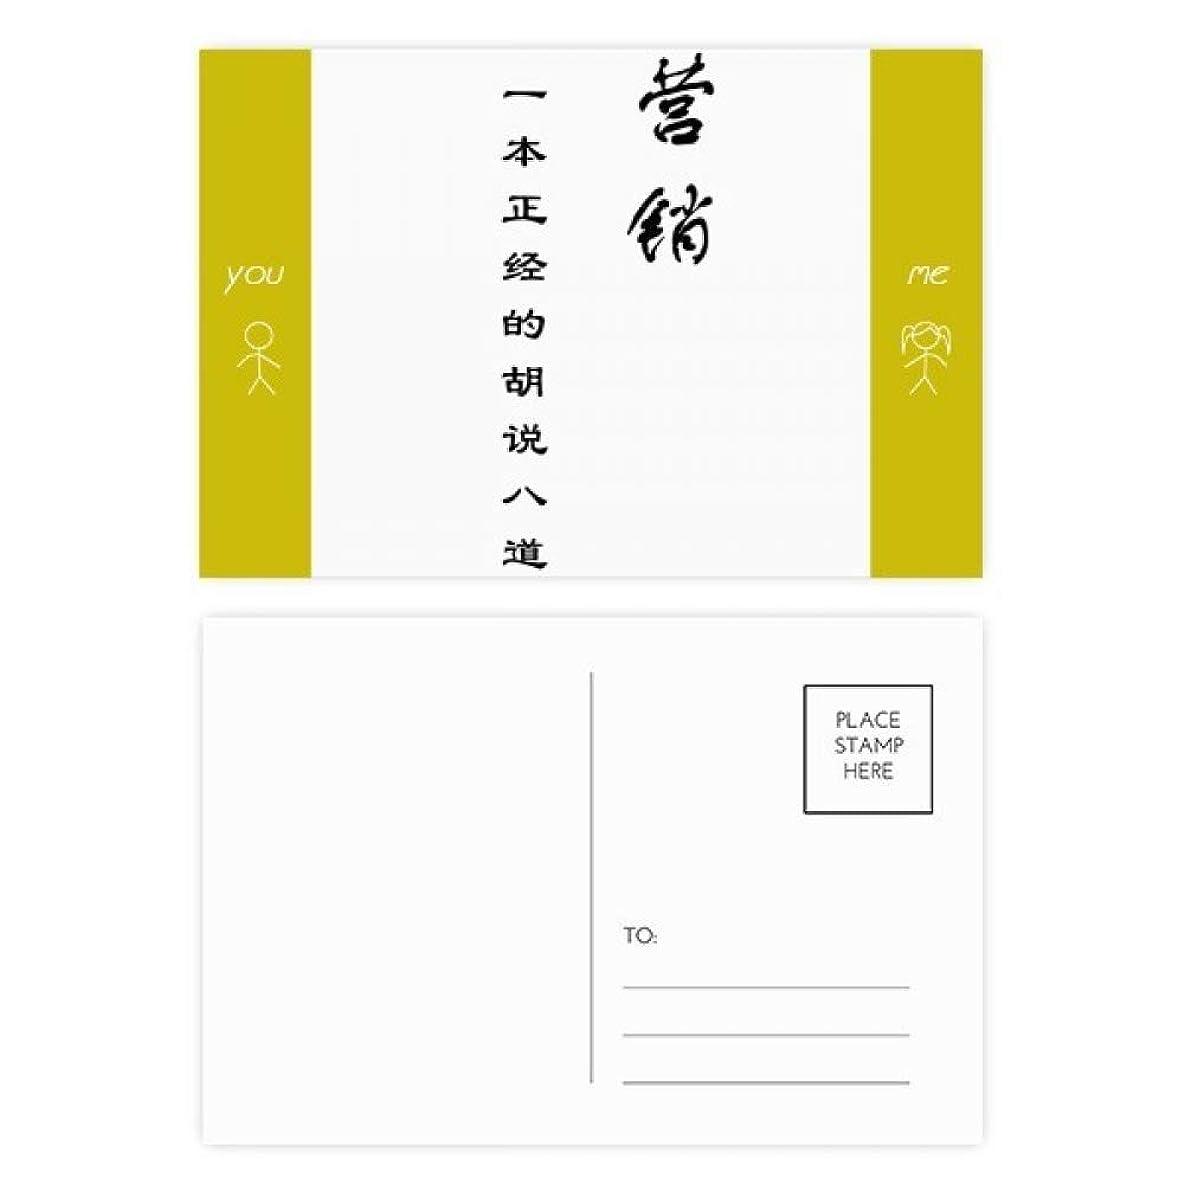 異邦人サラミ印象派マーケティング技術についての中国の引用 友人のポストカードセットサンクスカード郵送側20個